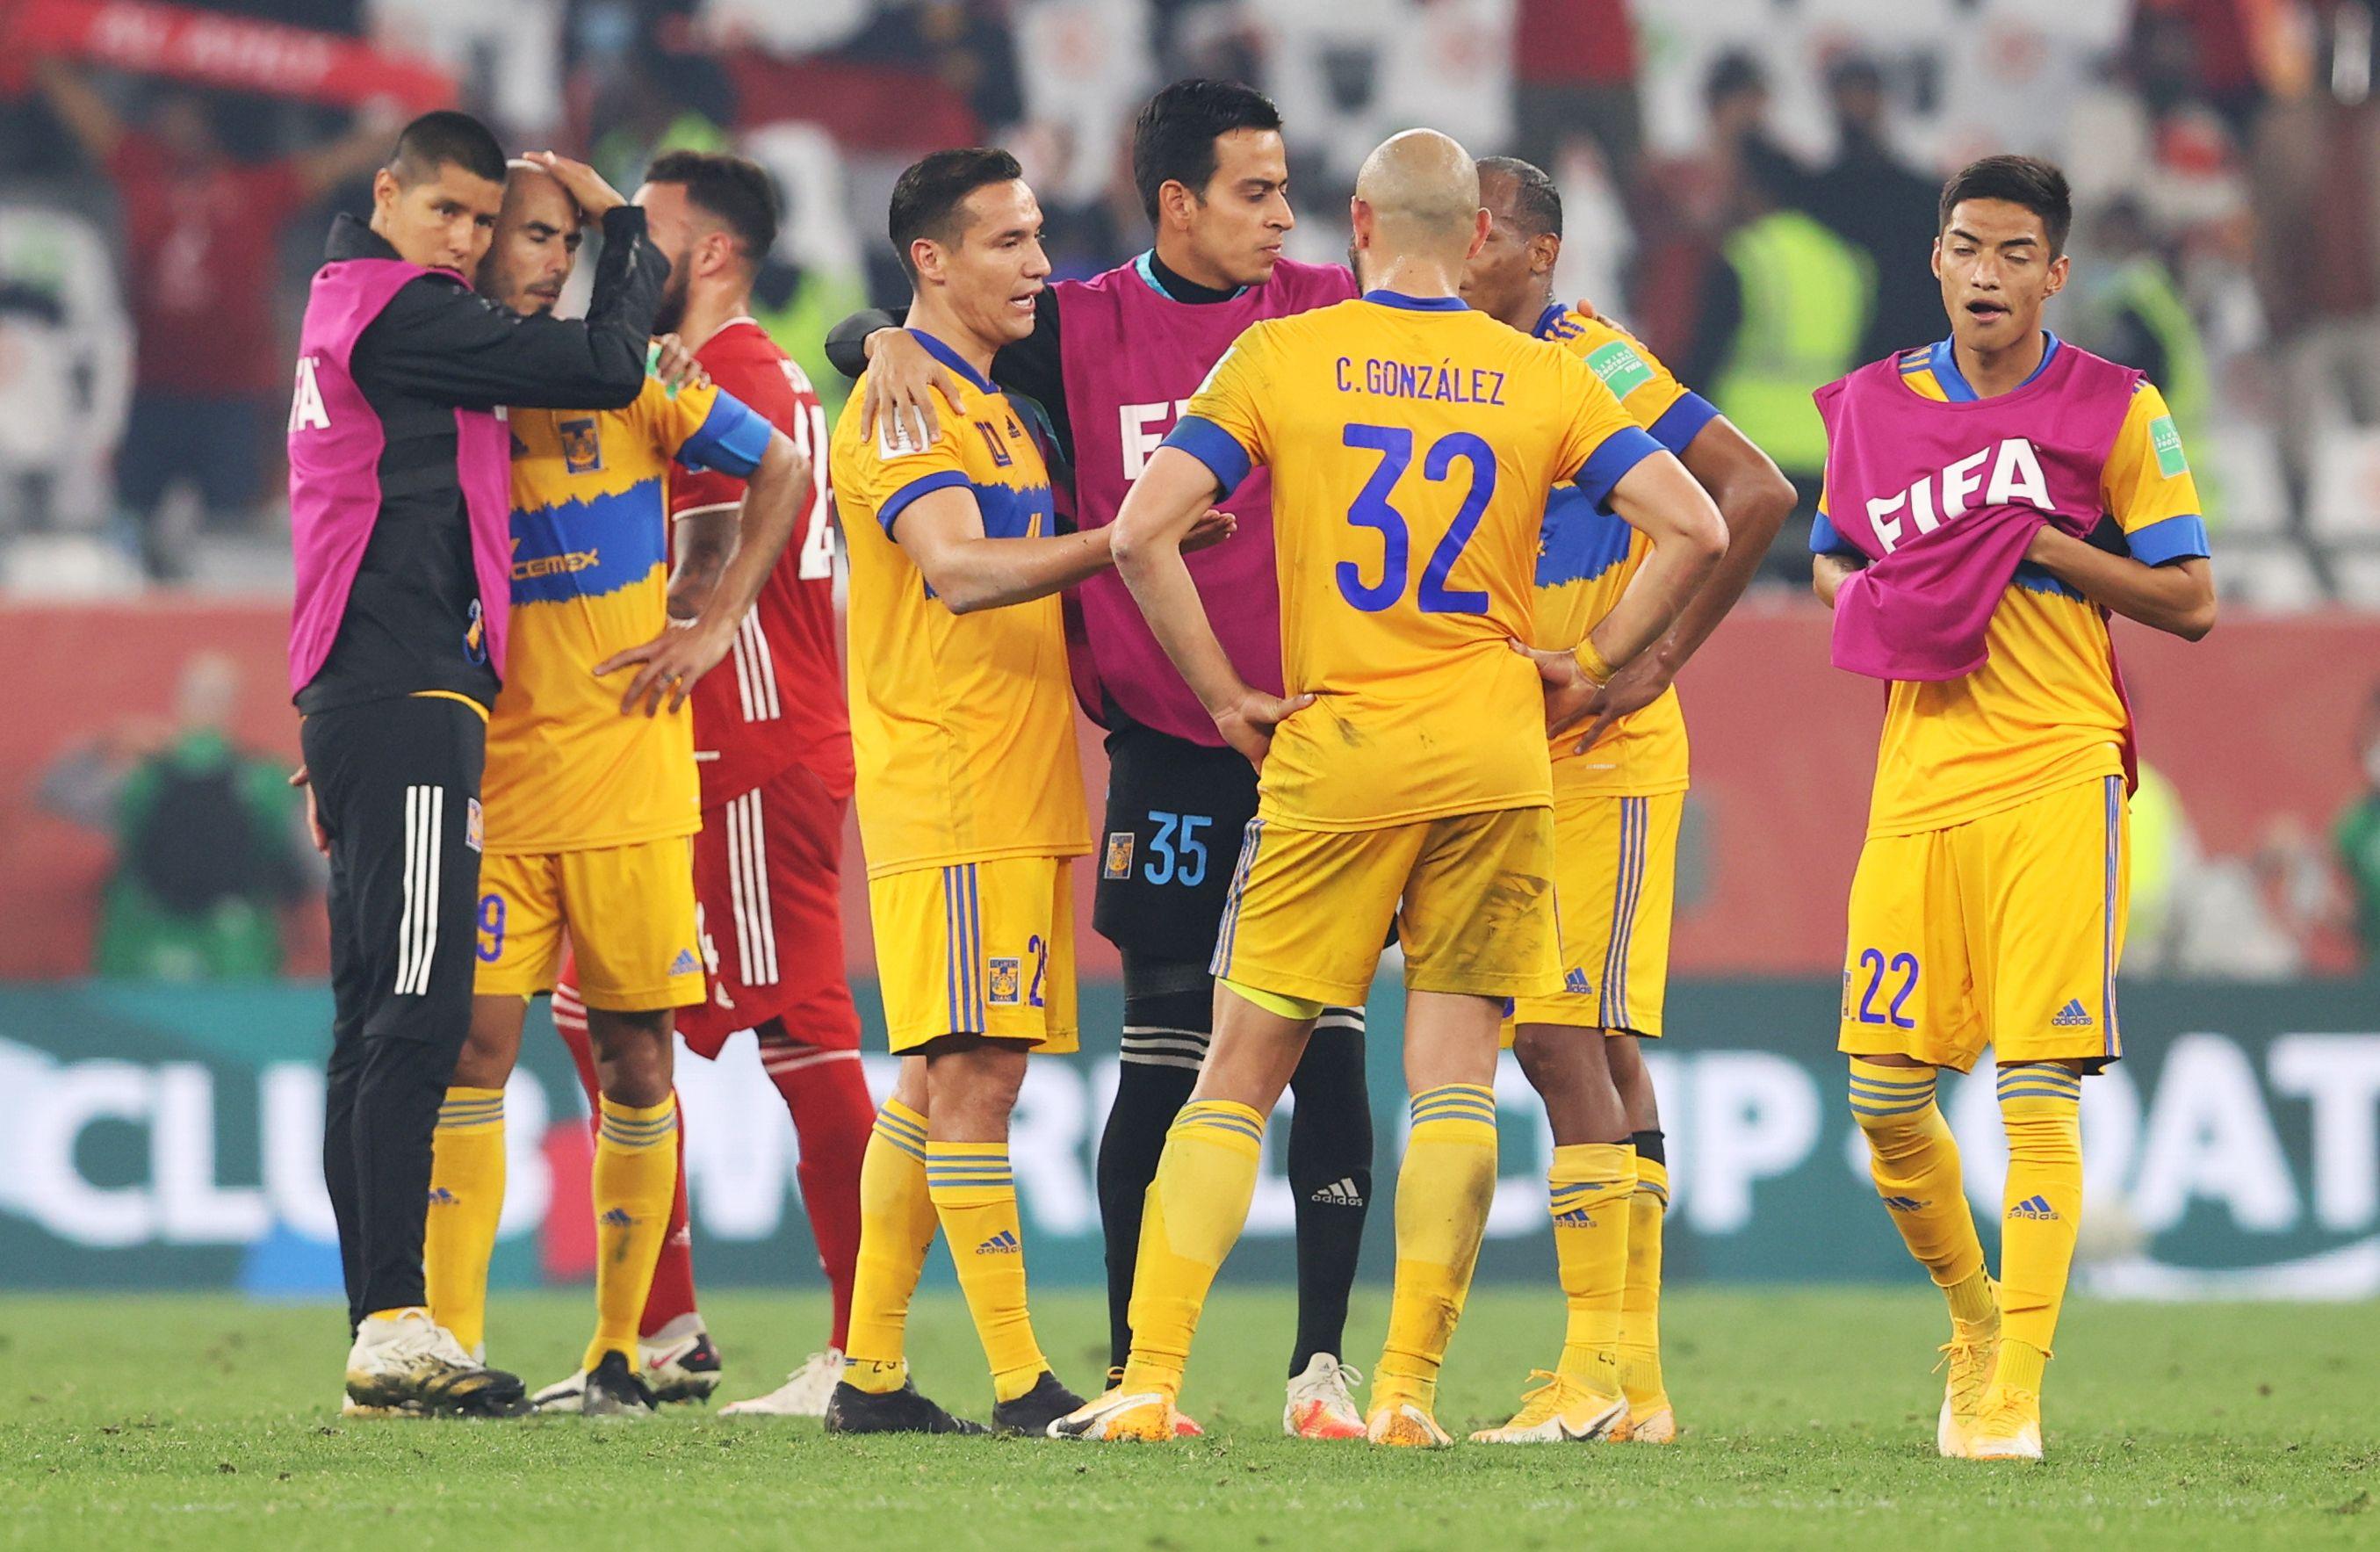 Los jugadores de Tigres después del juego.